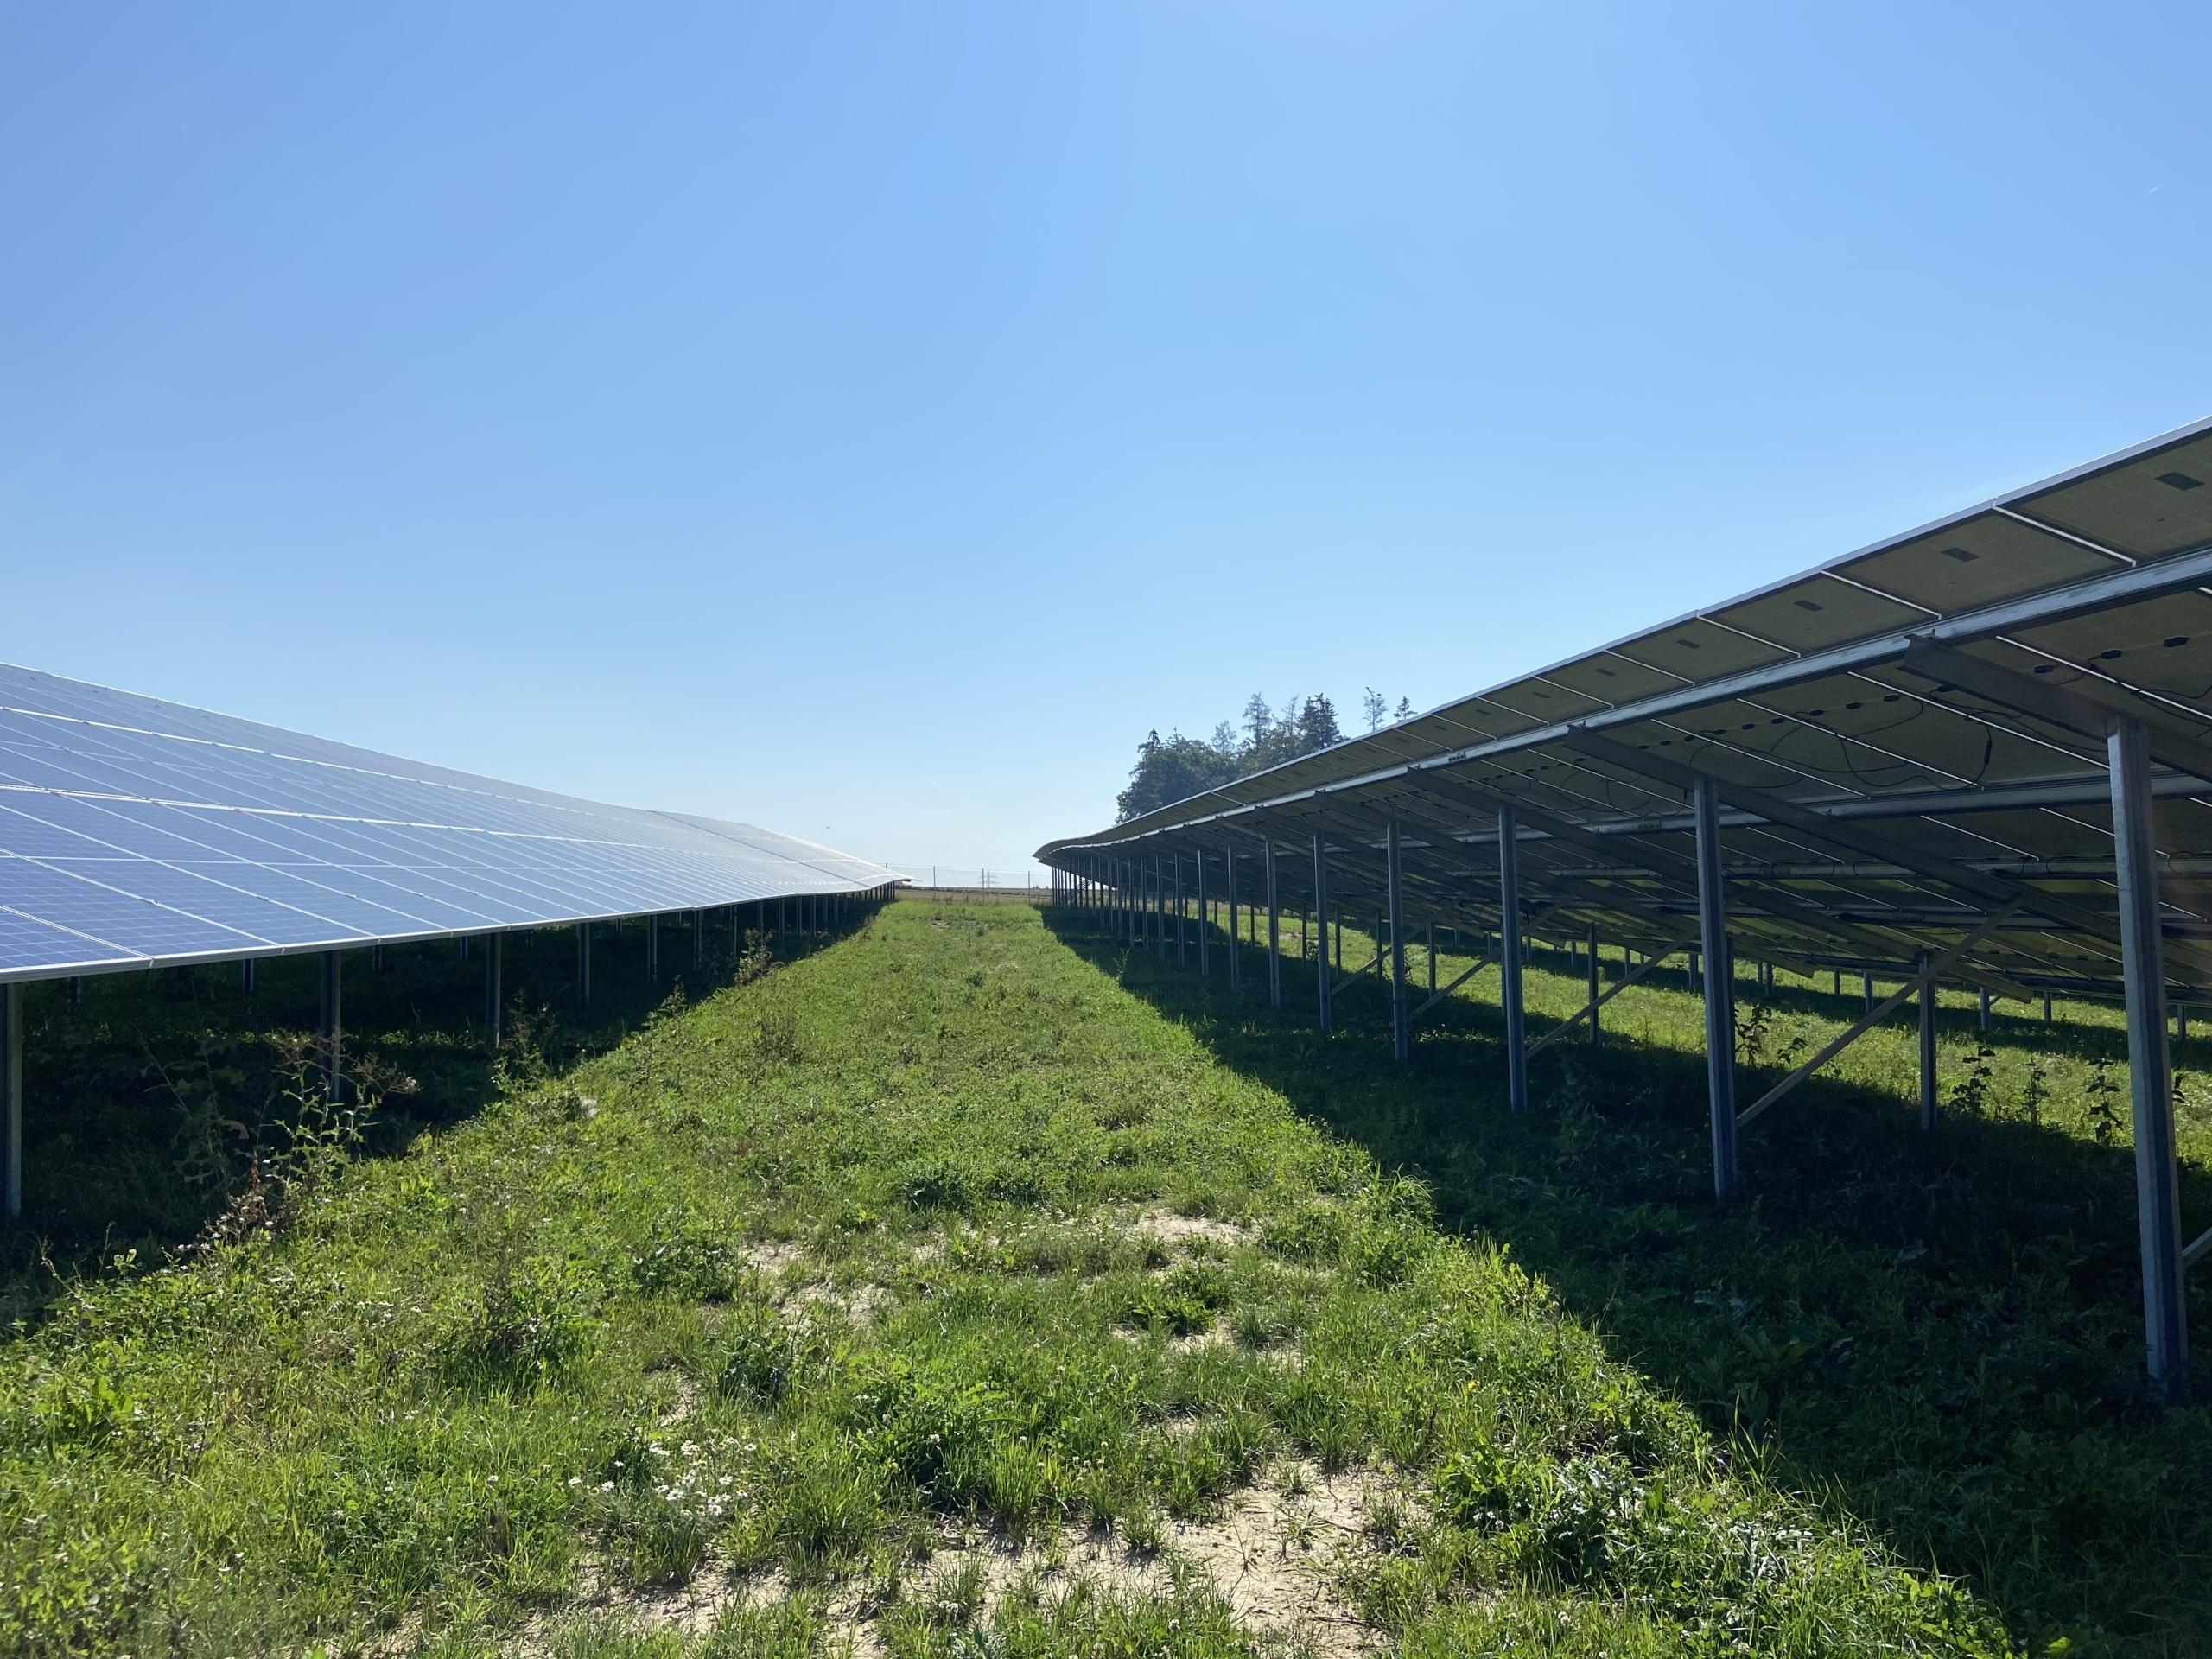 SL Rack Freiflächensystem - 3V | Standort: Bayern, Deutschland | Leistung: 1,8 MWp